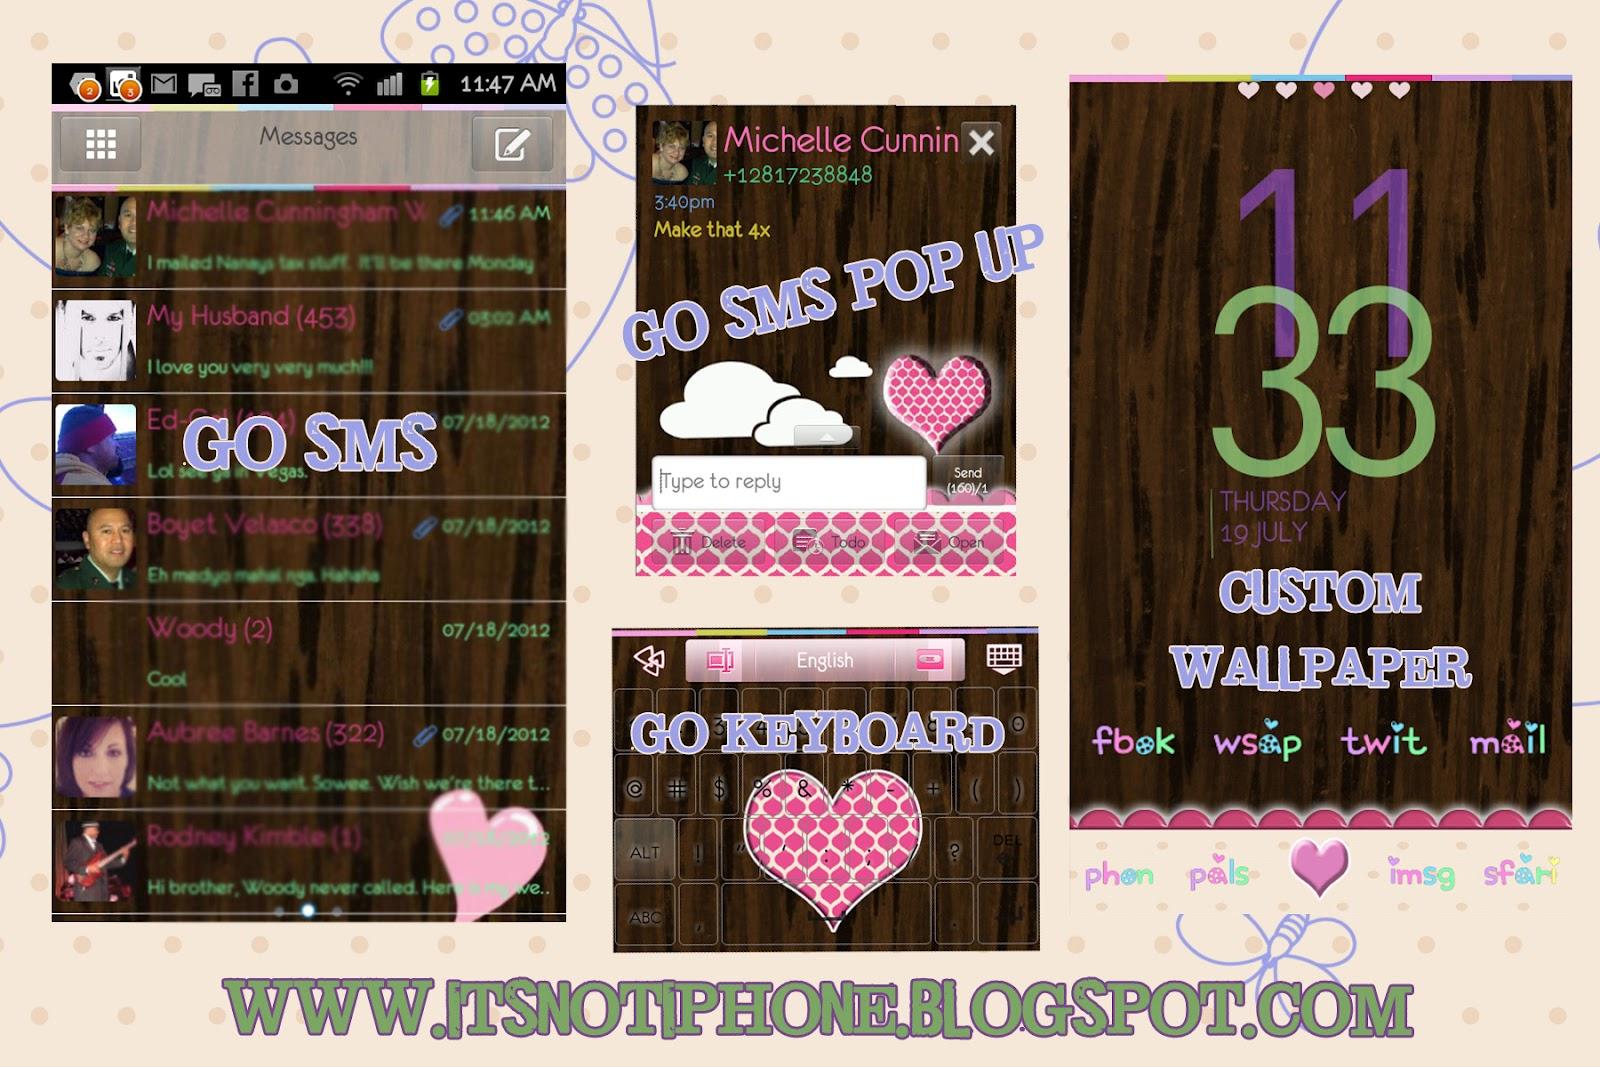 http://2.bp.blogspot.com/-yvZXJ4hQXVc/UAiEwiJ9mQI/AAAAAAAAE5o/oUXbayIIBFU/s1600/wooden+heart+promo.jpg